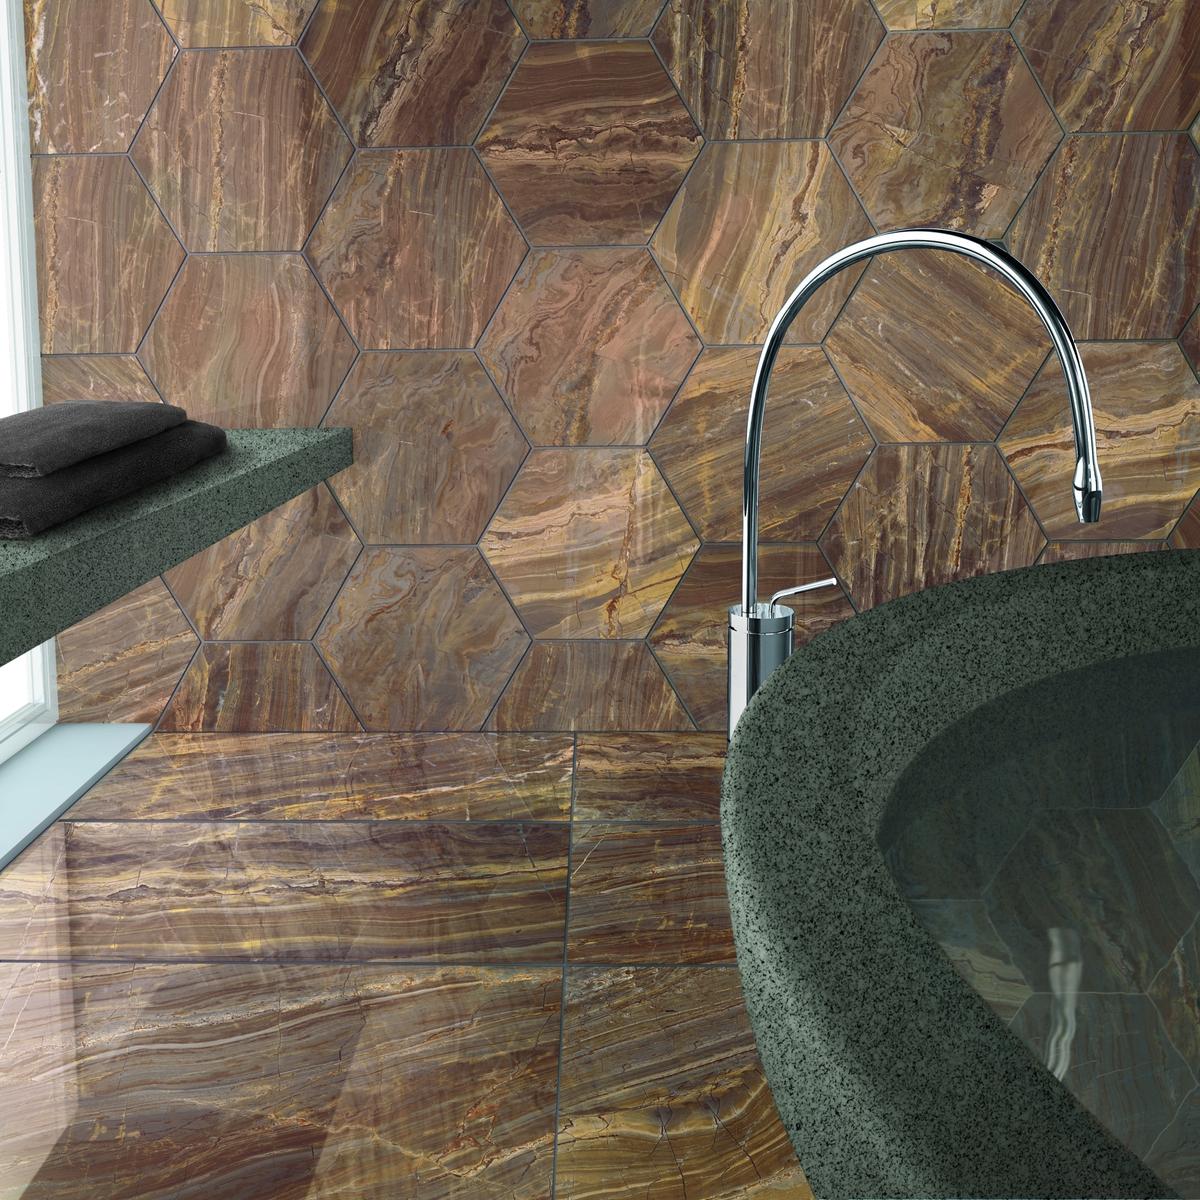 Gres Porcellanato Effetto Marmo Difetti casalgrande padana gres porcellanato stile elegante effetto